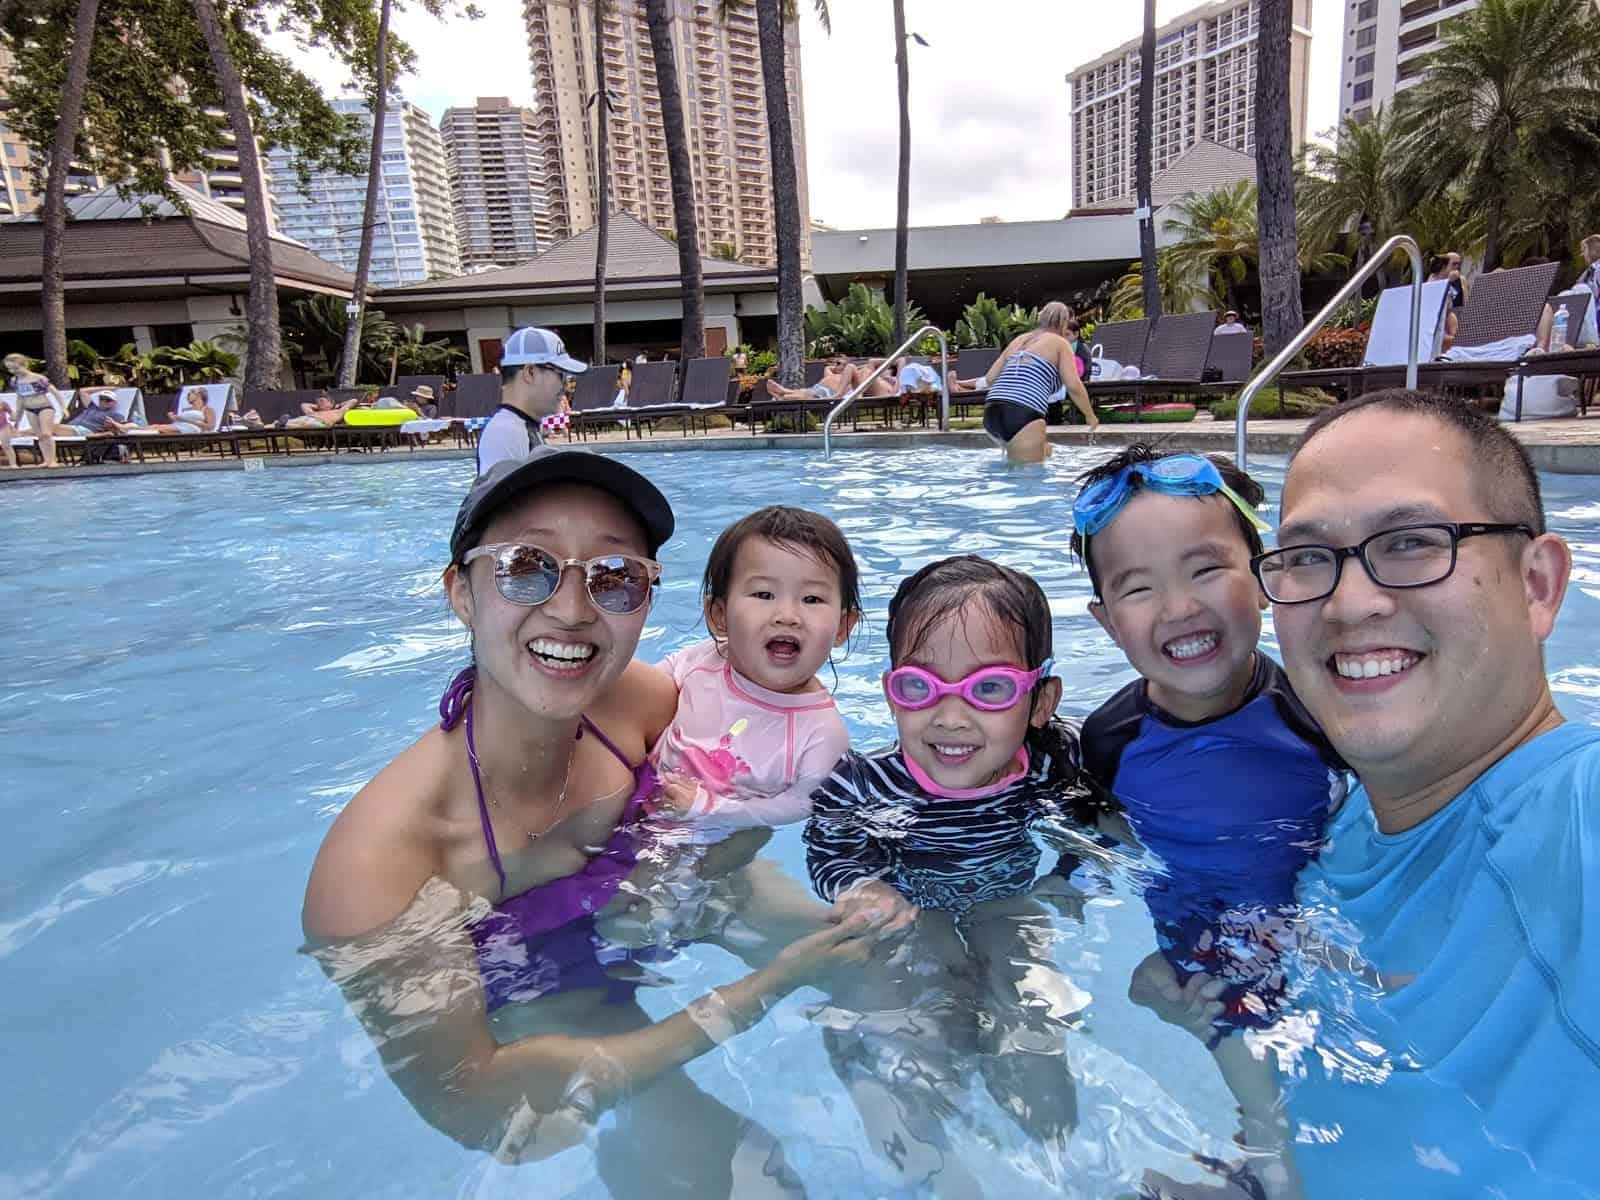 Is the Hilton Hawaiian Village Waikiki Beach Resort good for kids?